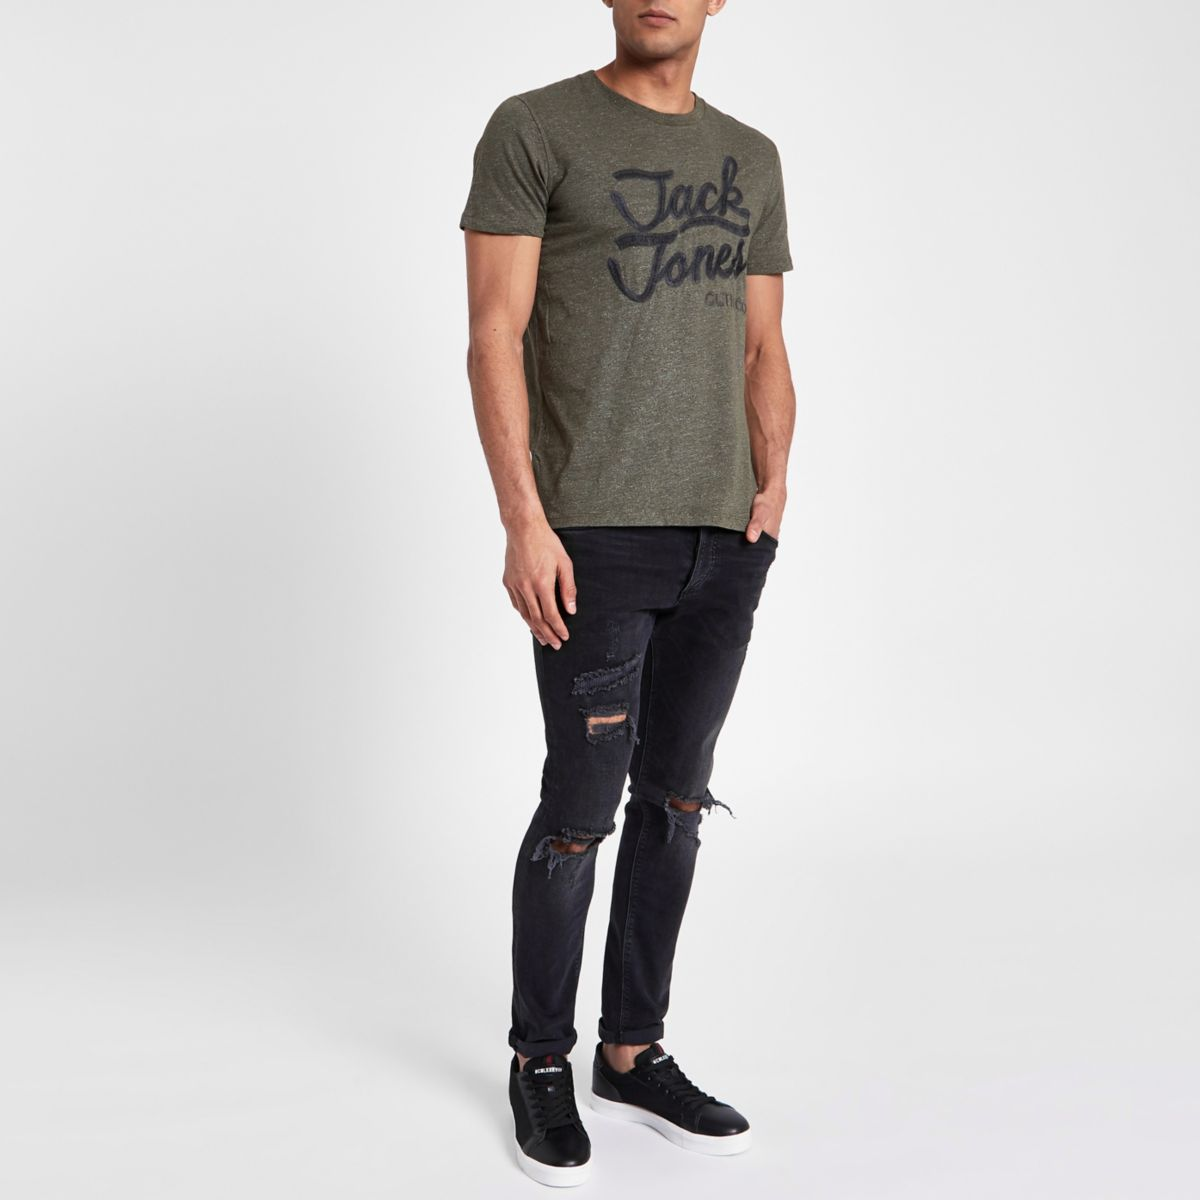 Jack & Jones Originals green broderie T-shirt